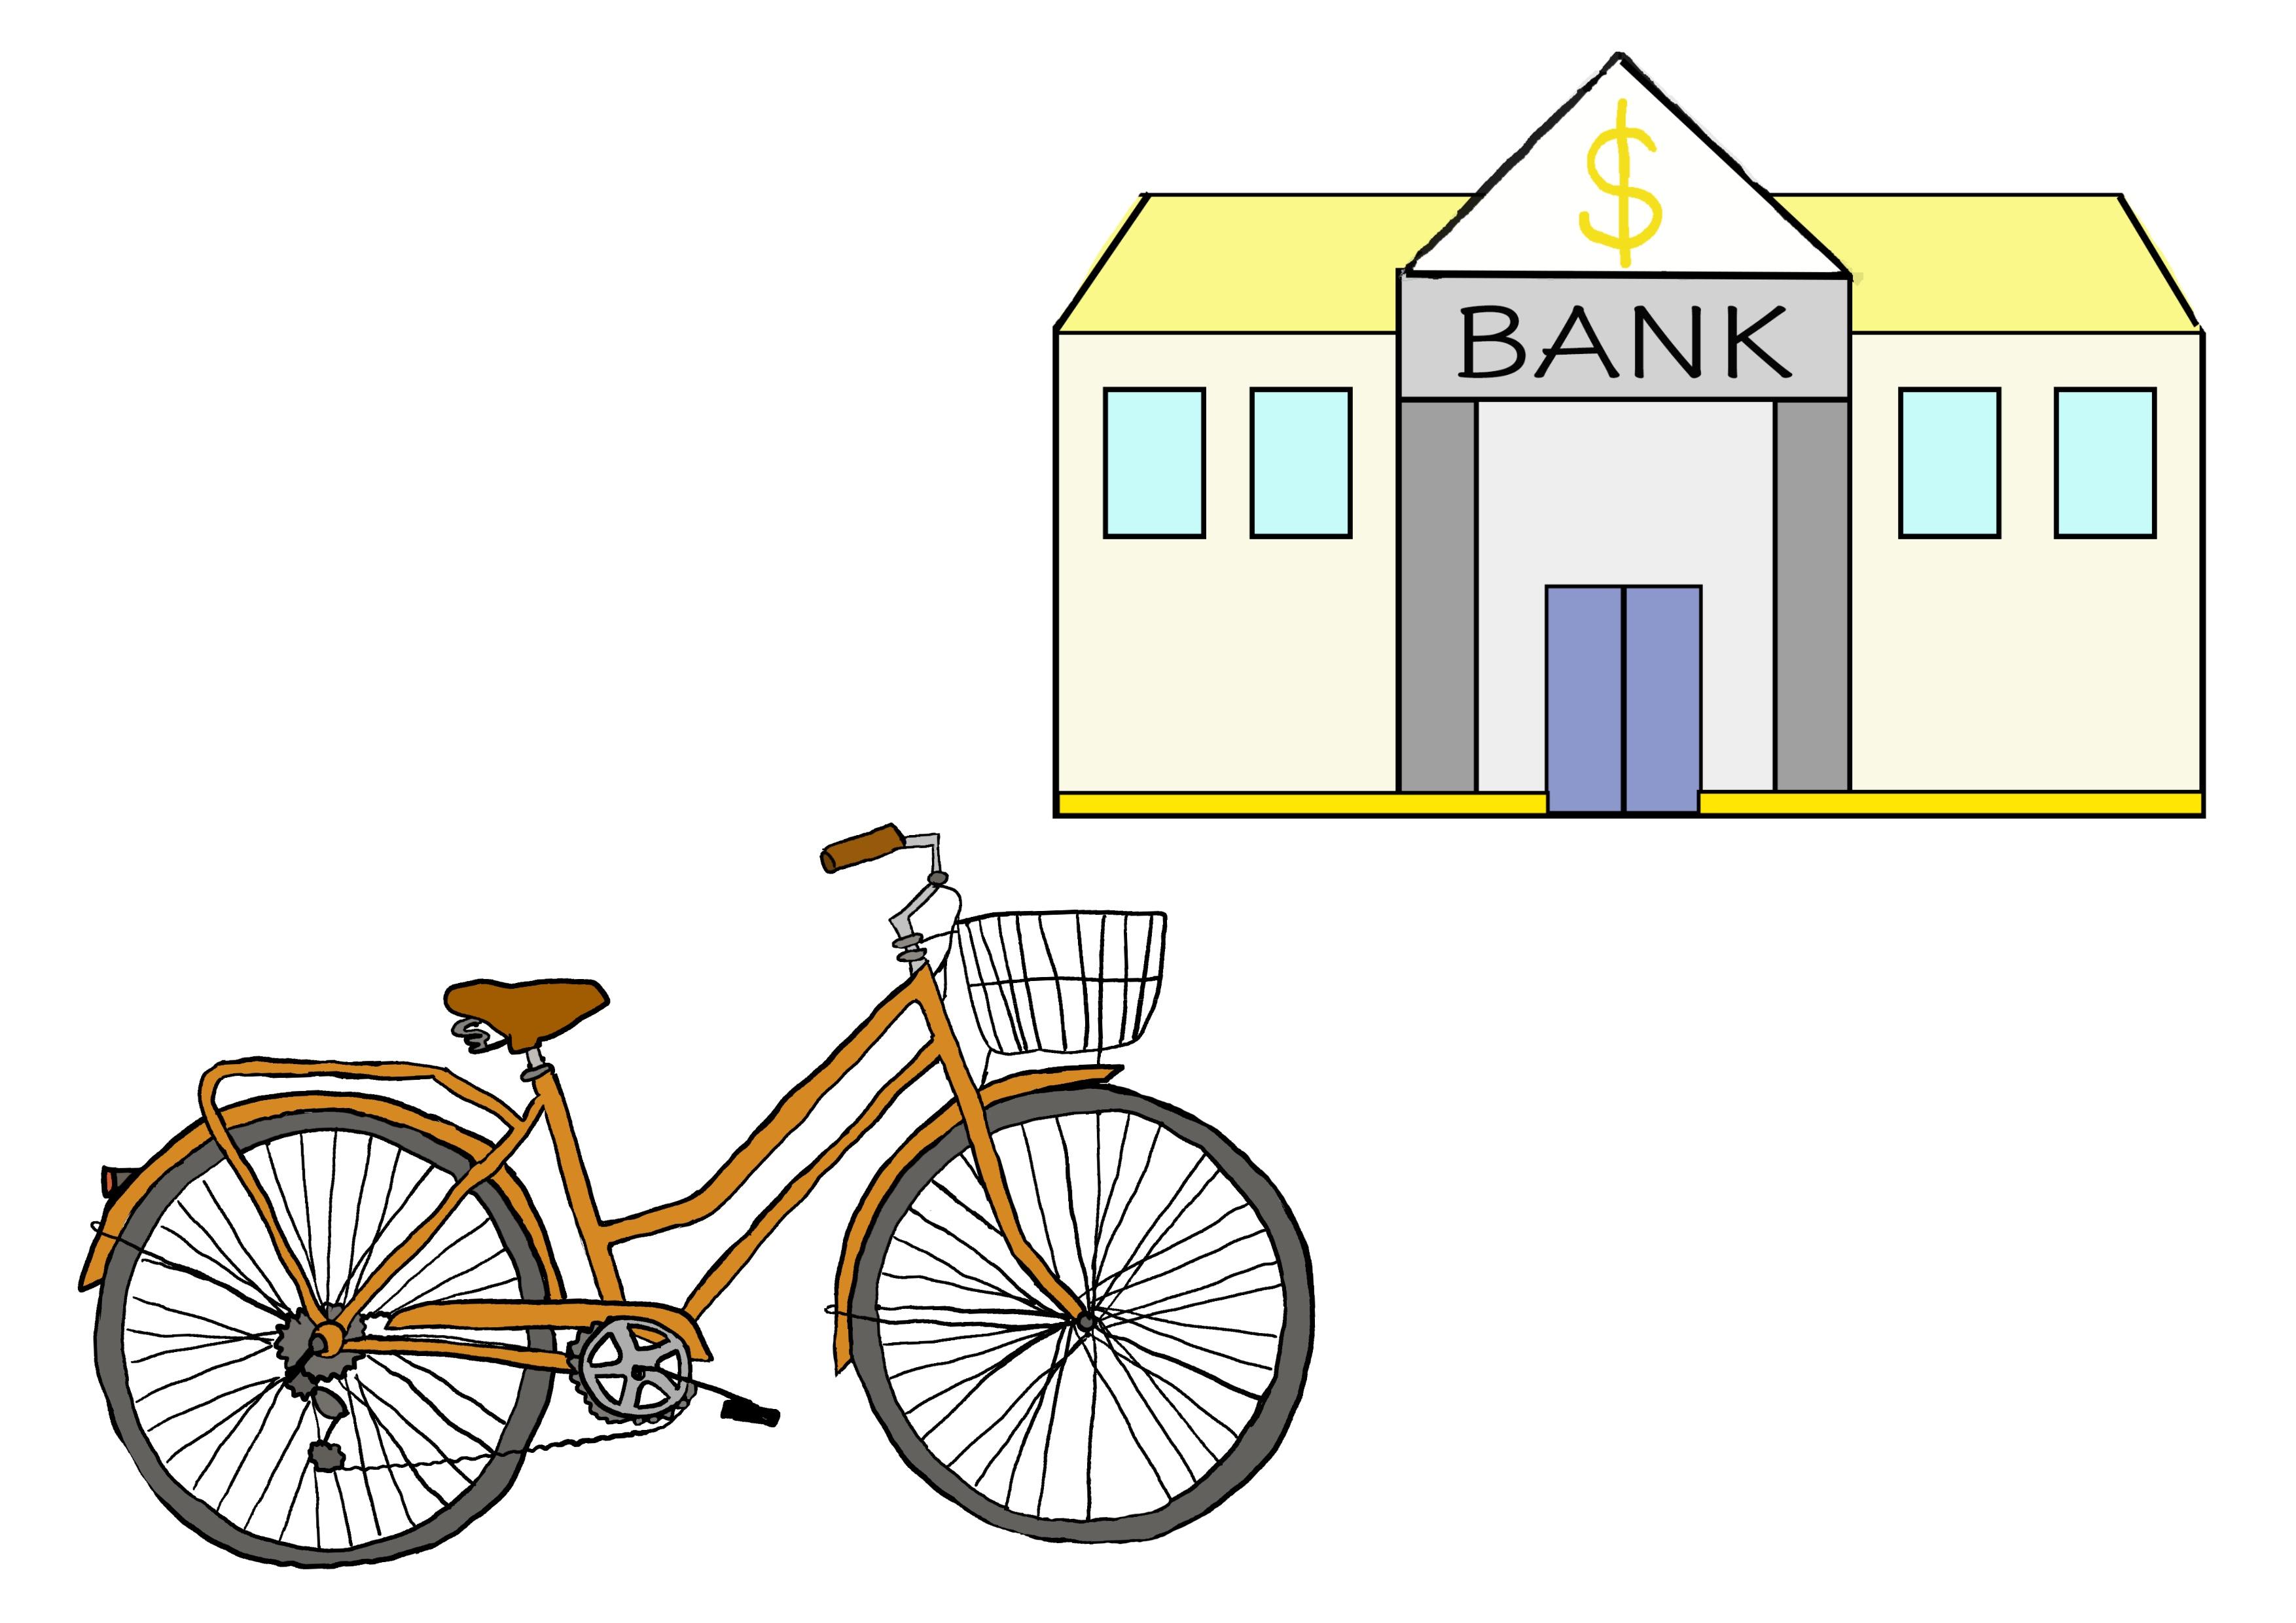 5課イラスト【自転車で銀行へ行きます】